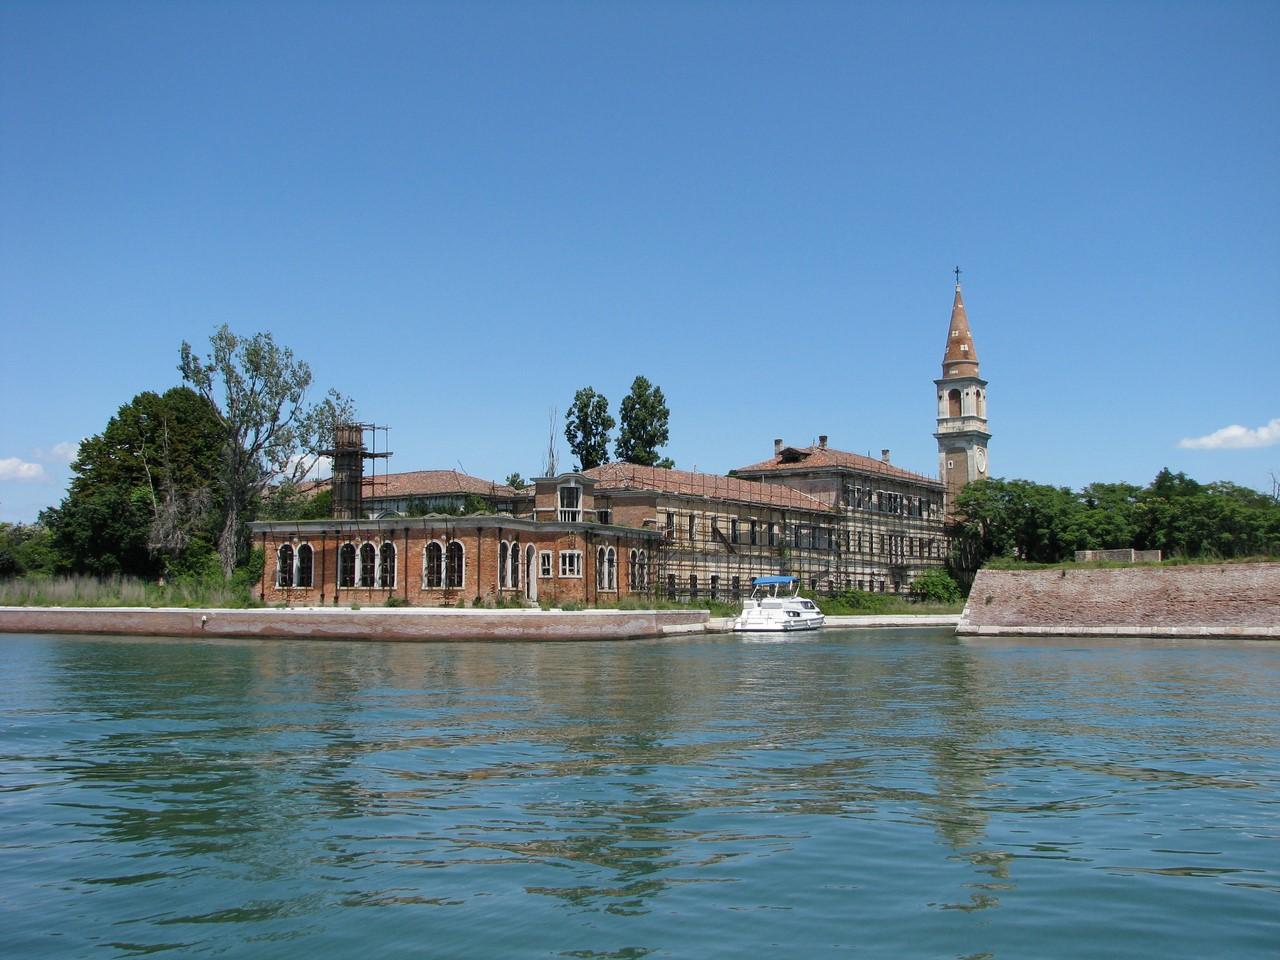 Кровавый остров Венеции - Повеглия